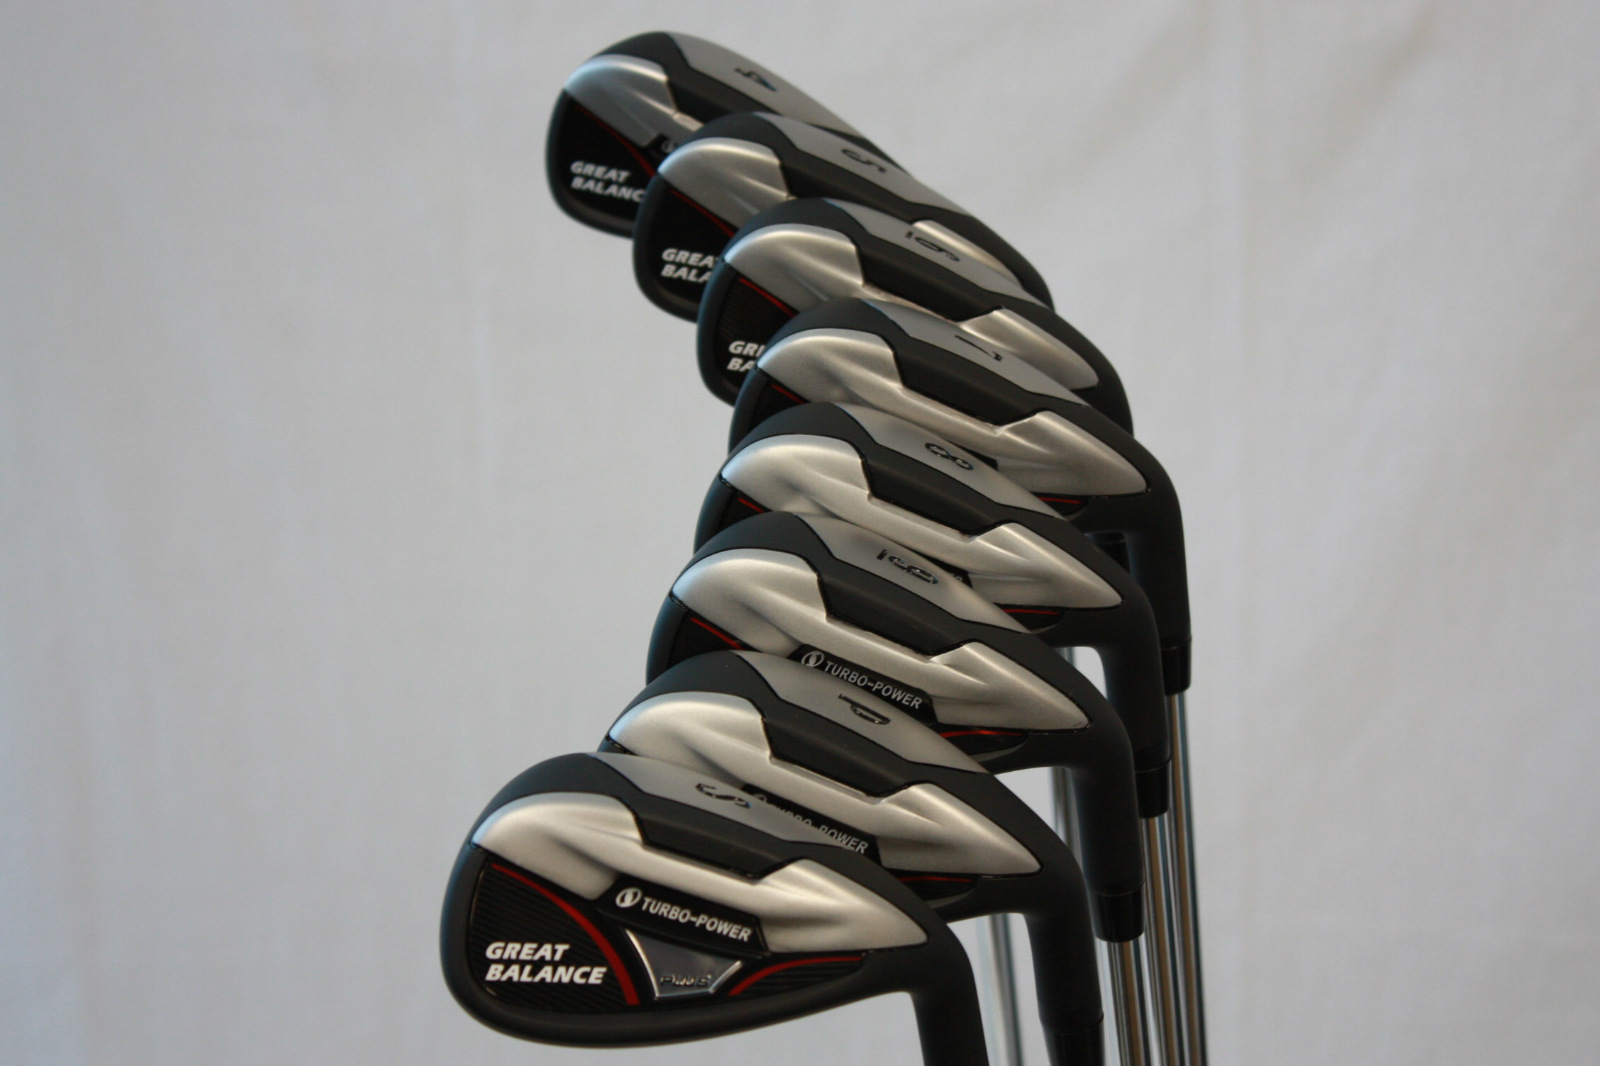 New Big Amp Tall 3 Mens All Black Golf Clubs Firm Flex